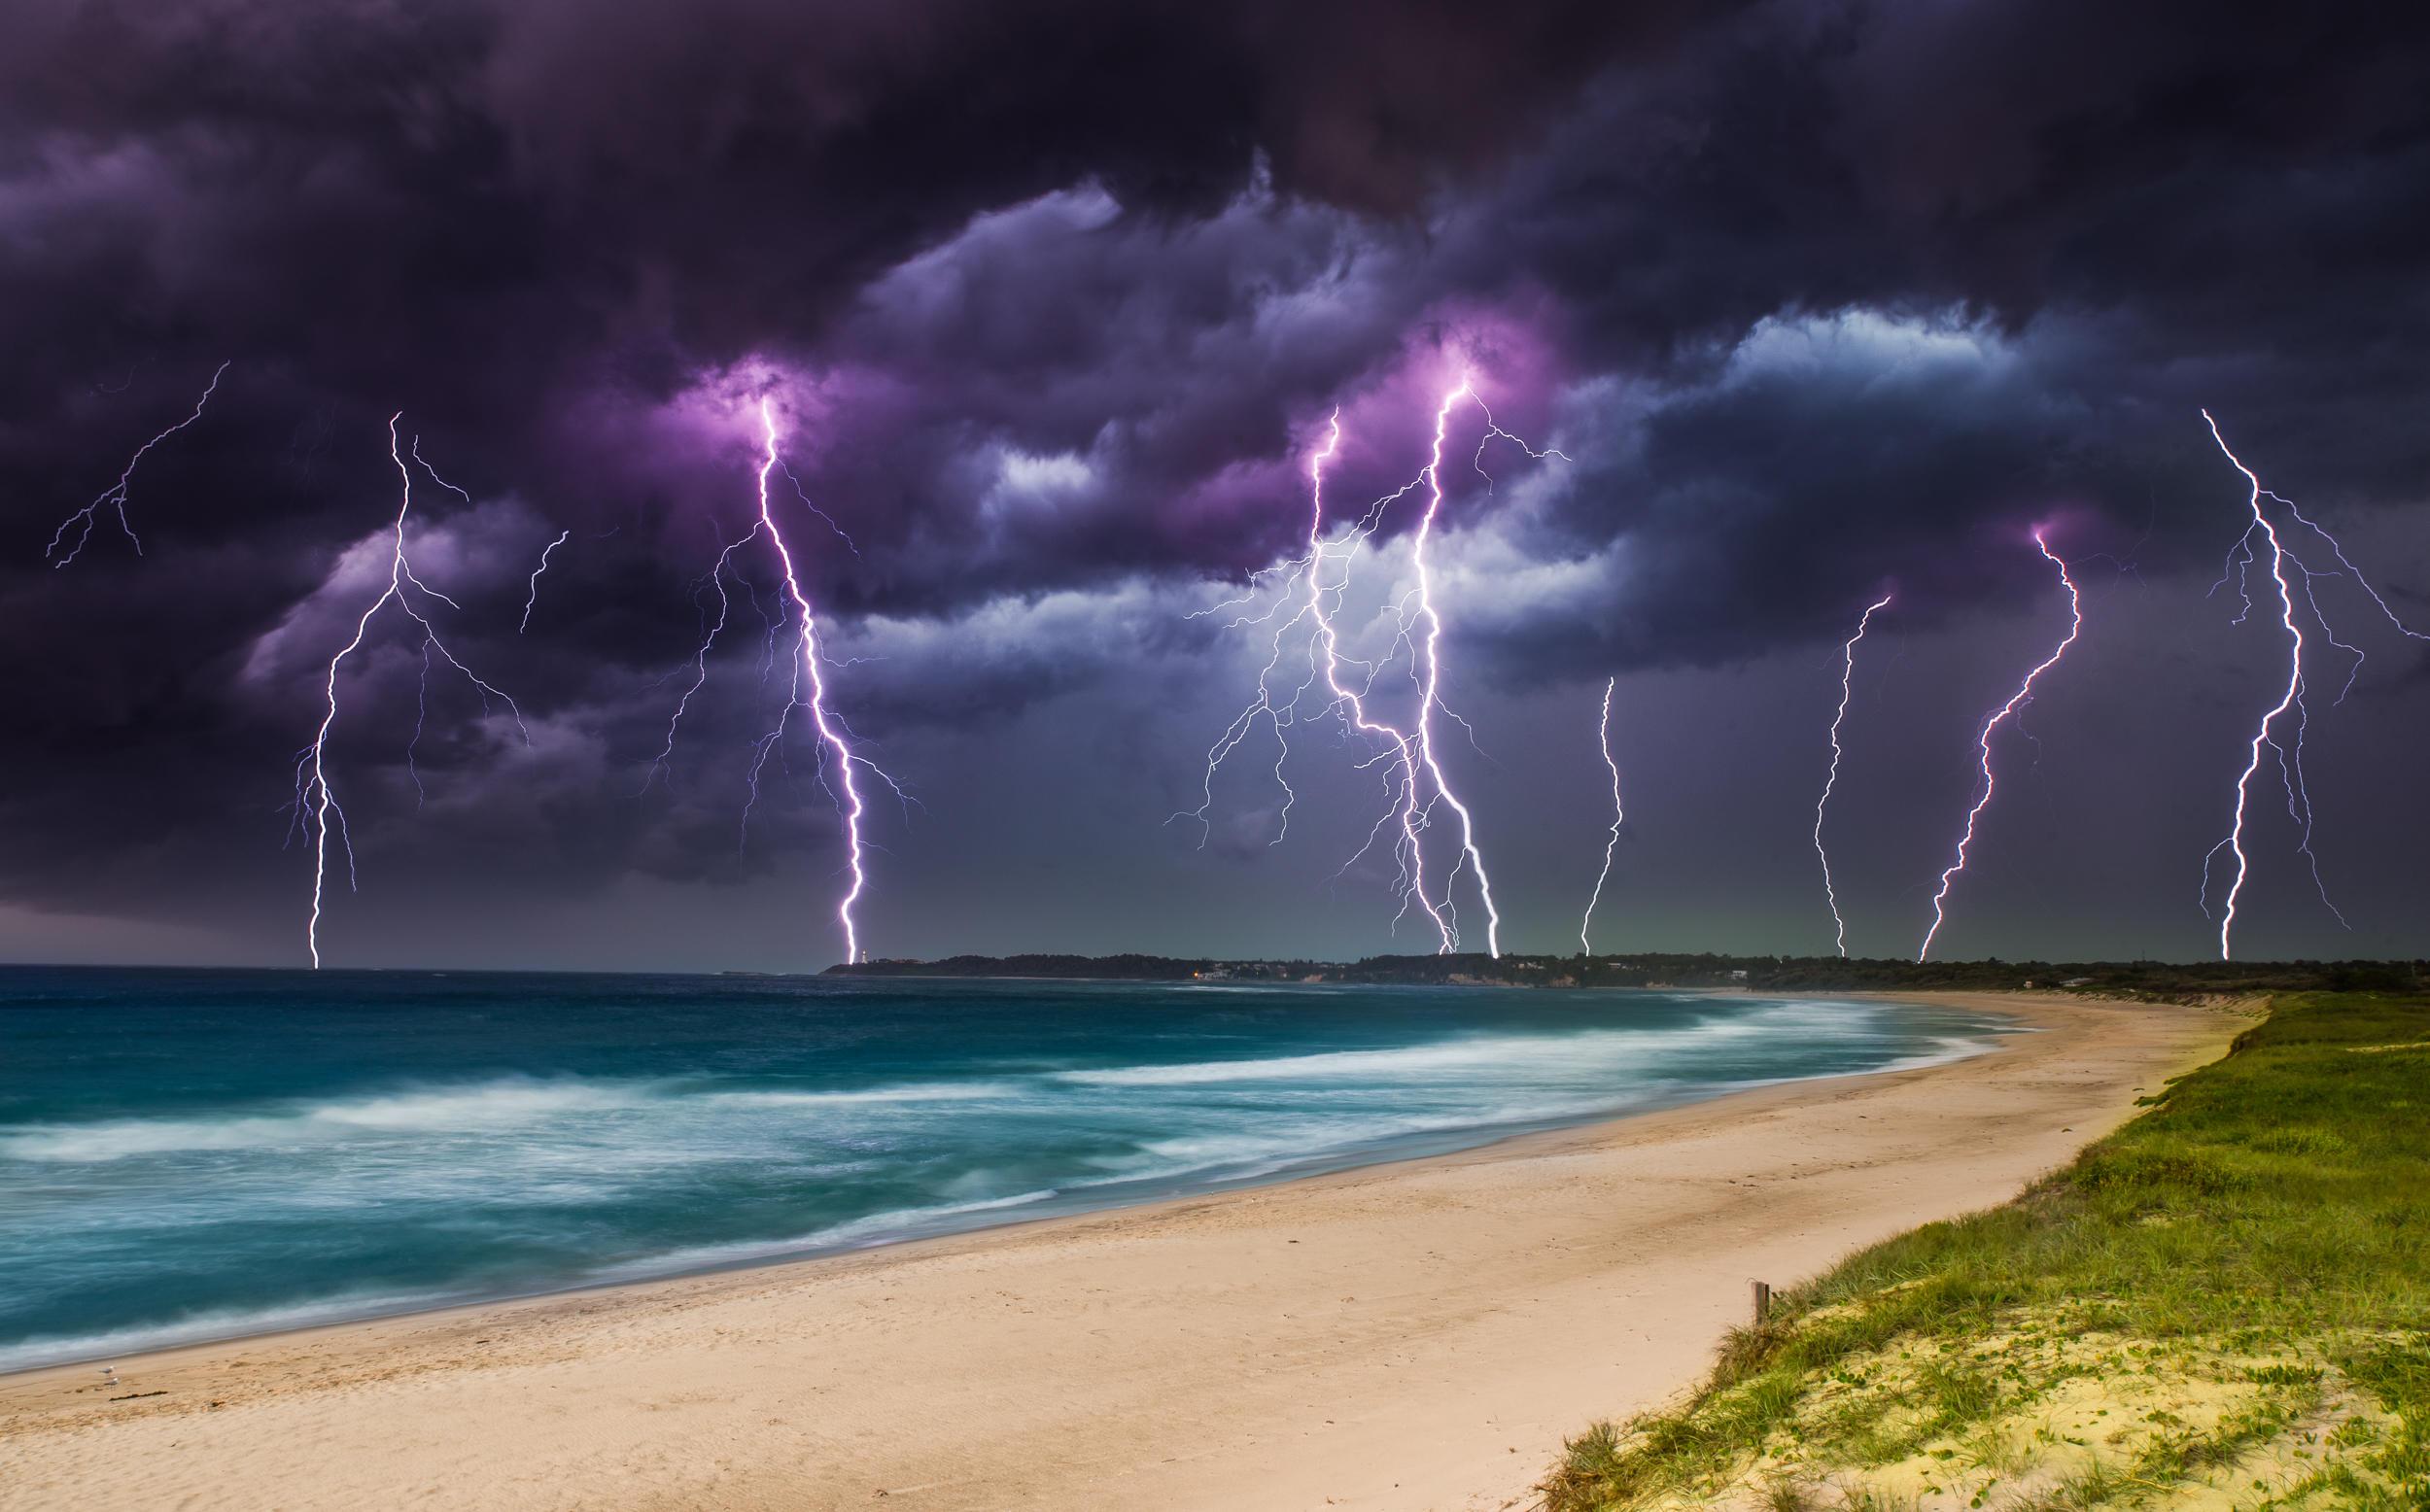 молния на море живое фото необходимо загрузить